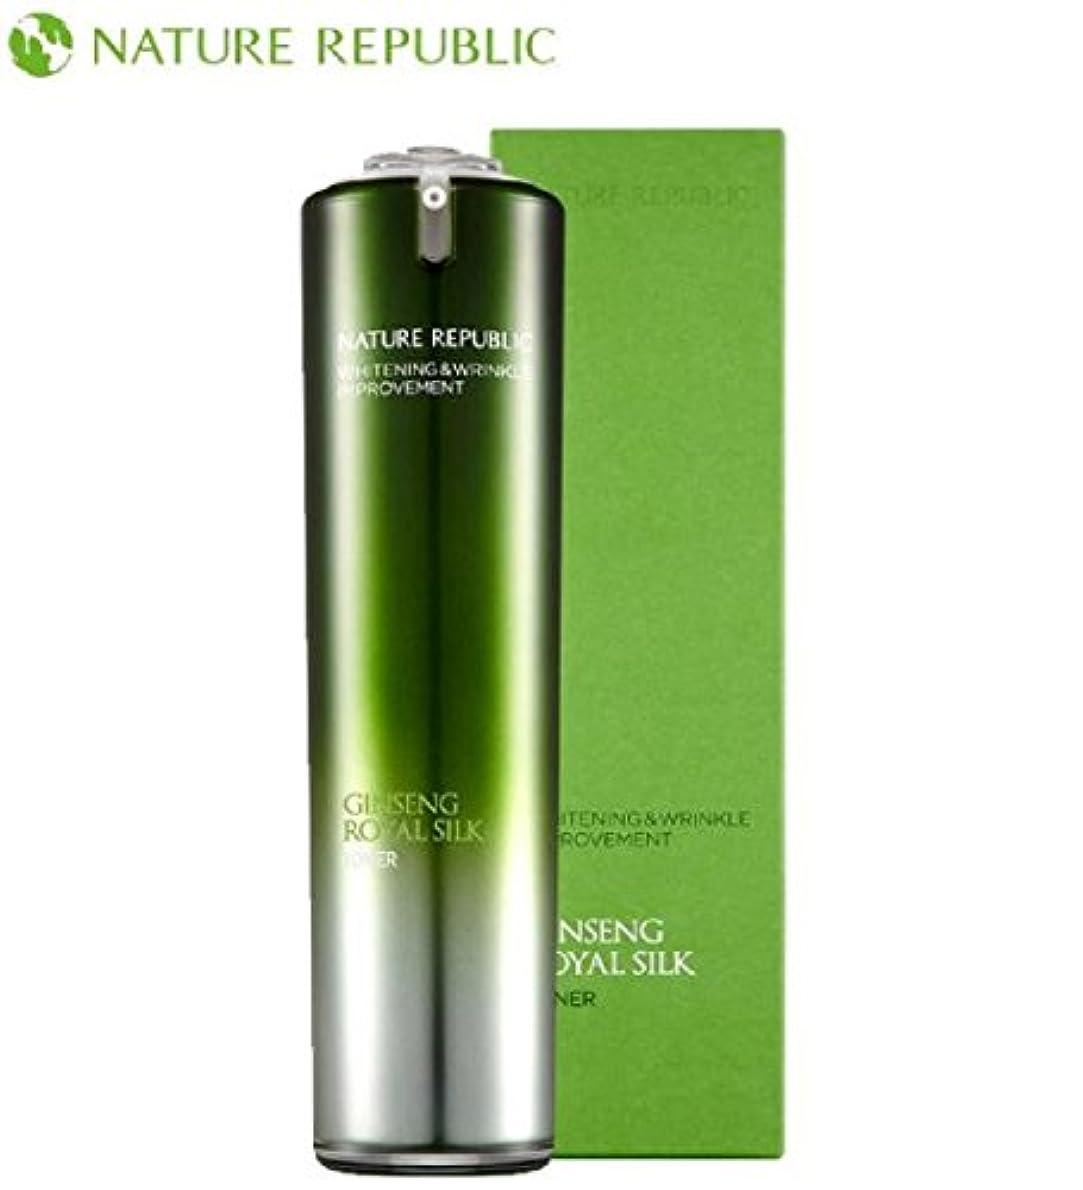 衣服まばたき影のある正規輸入品 NATURE REPUBLIC(ネイチャーリパブリック) RY トナー GI 化粧水 120ml NL8651